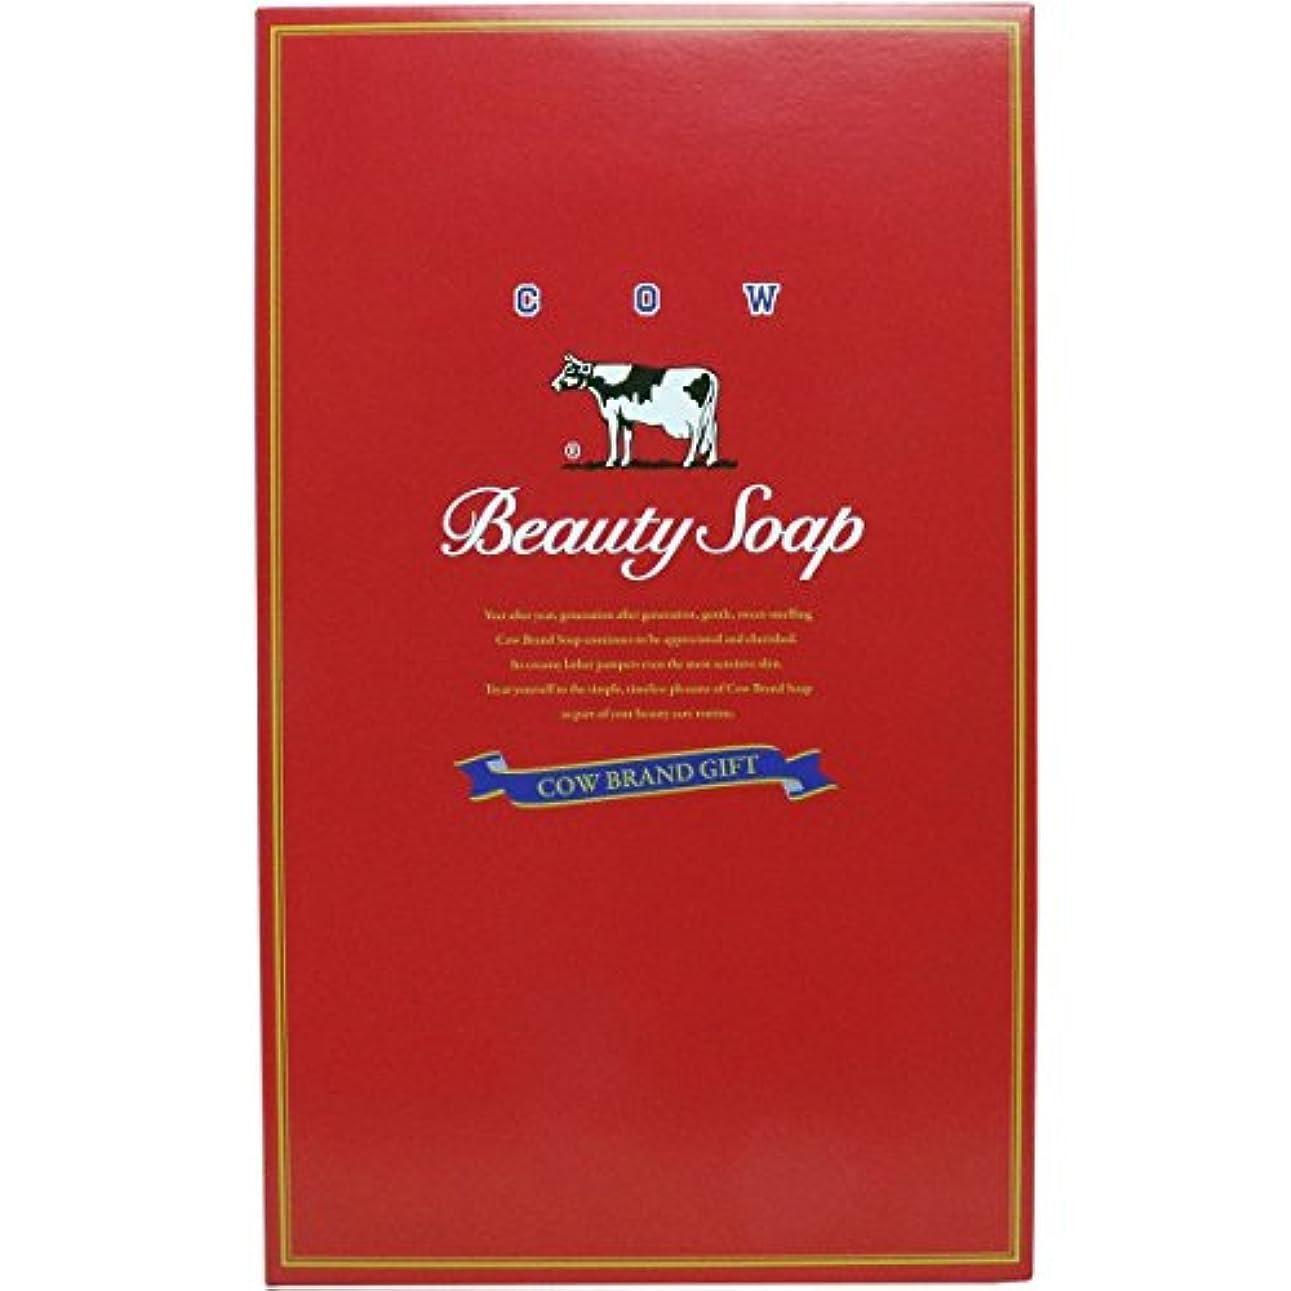 降雨飼いならすネックレス牛乳石鹸共進社 カウブランド石鹸 赤箱 100g×10個×3箱